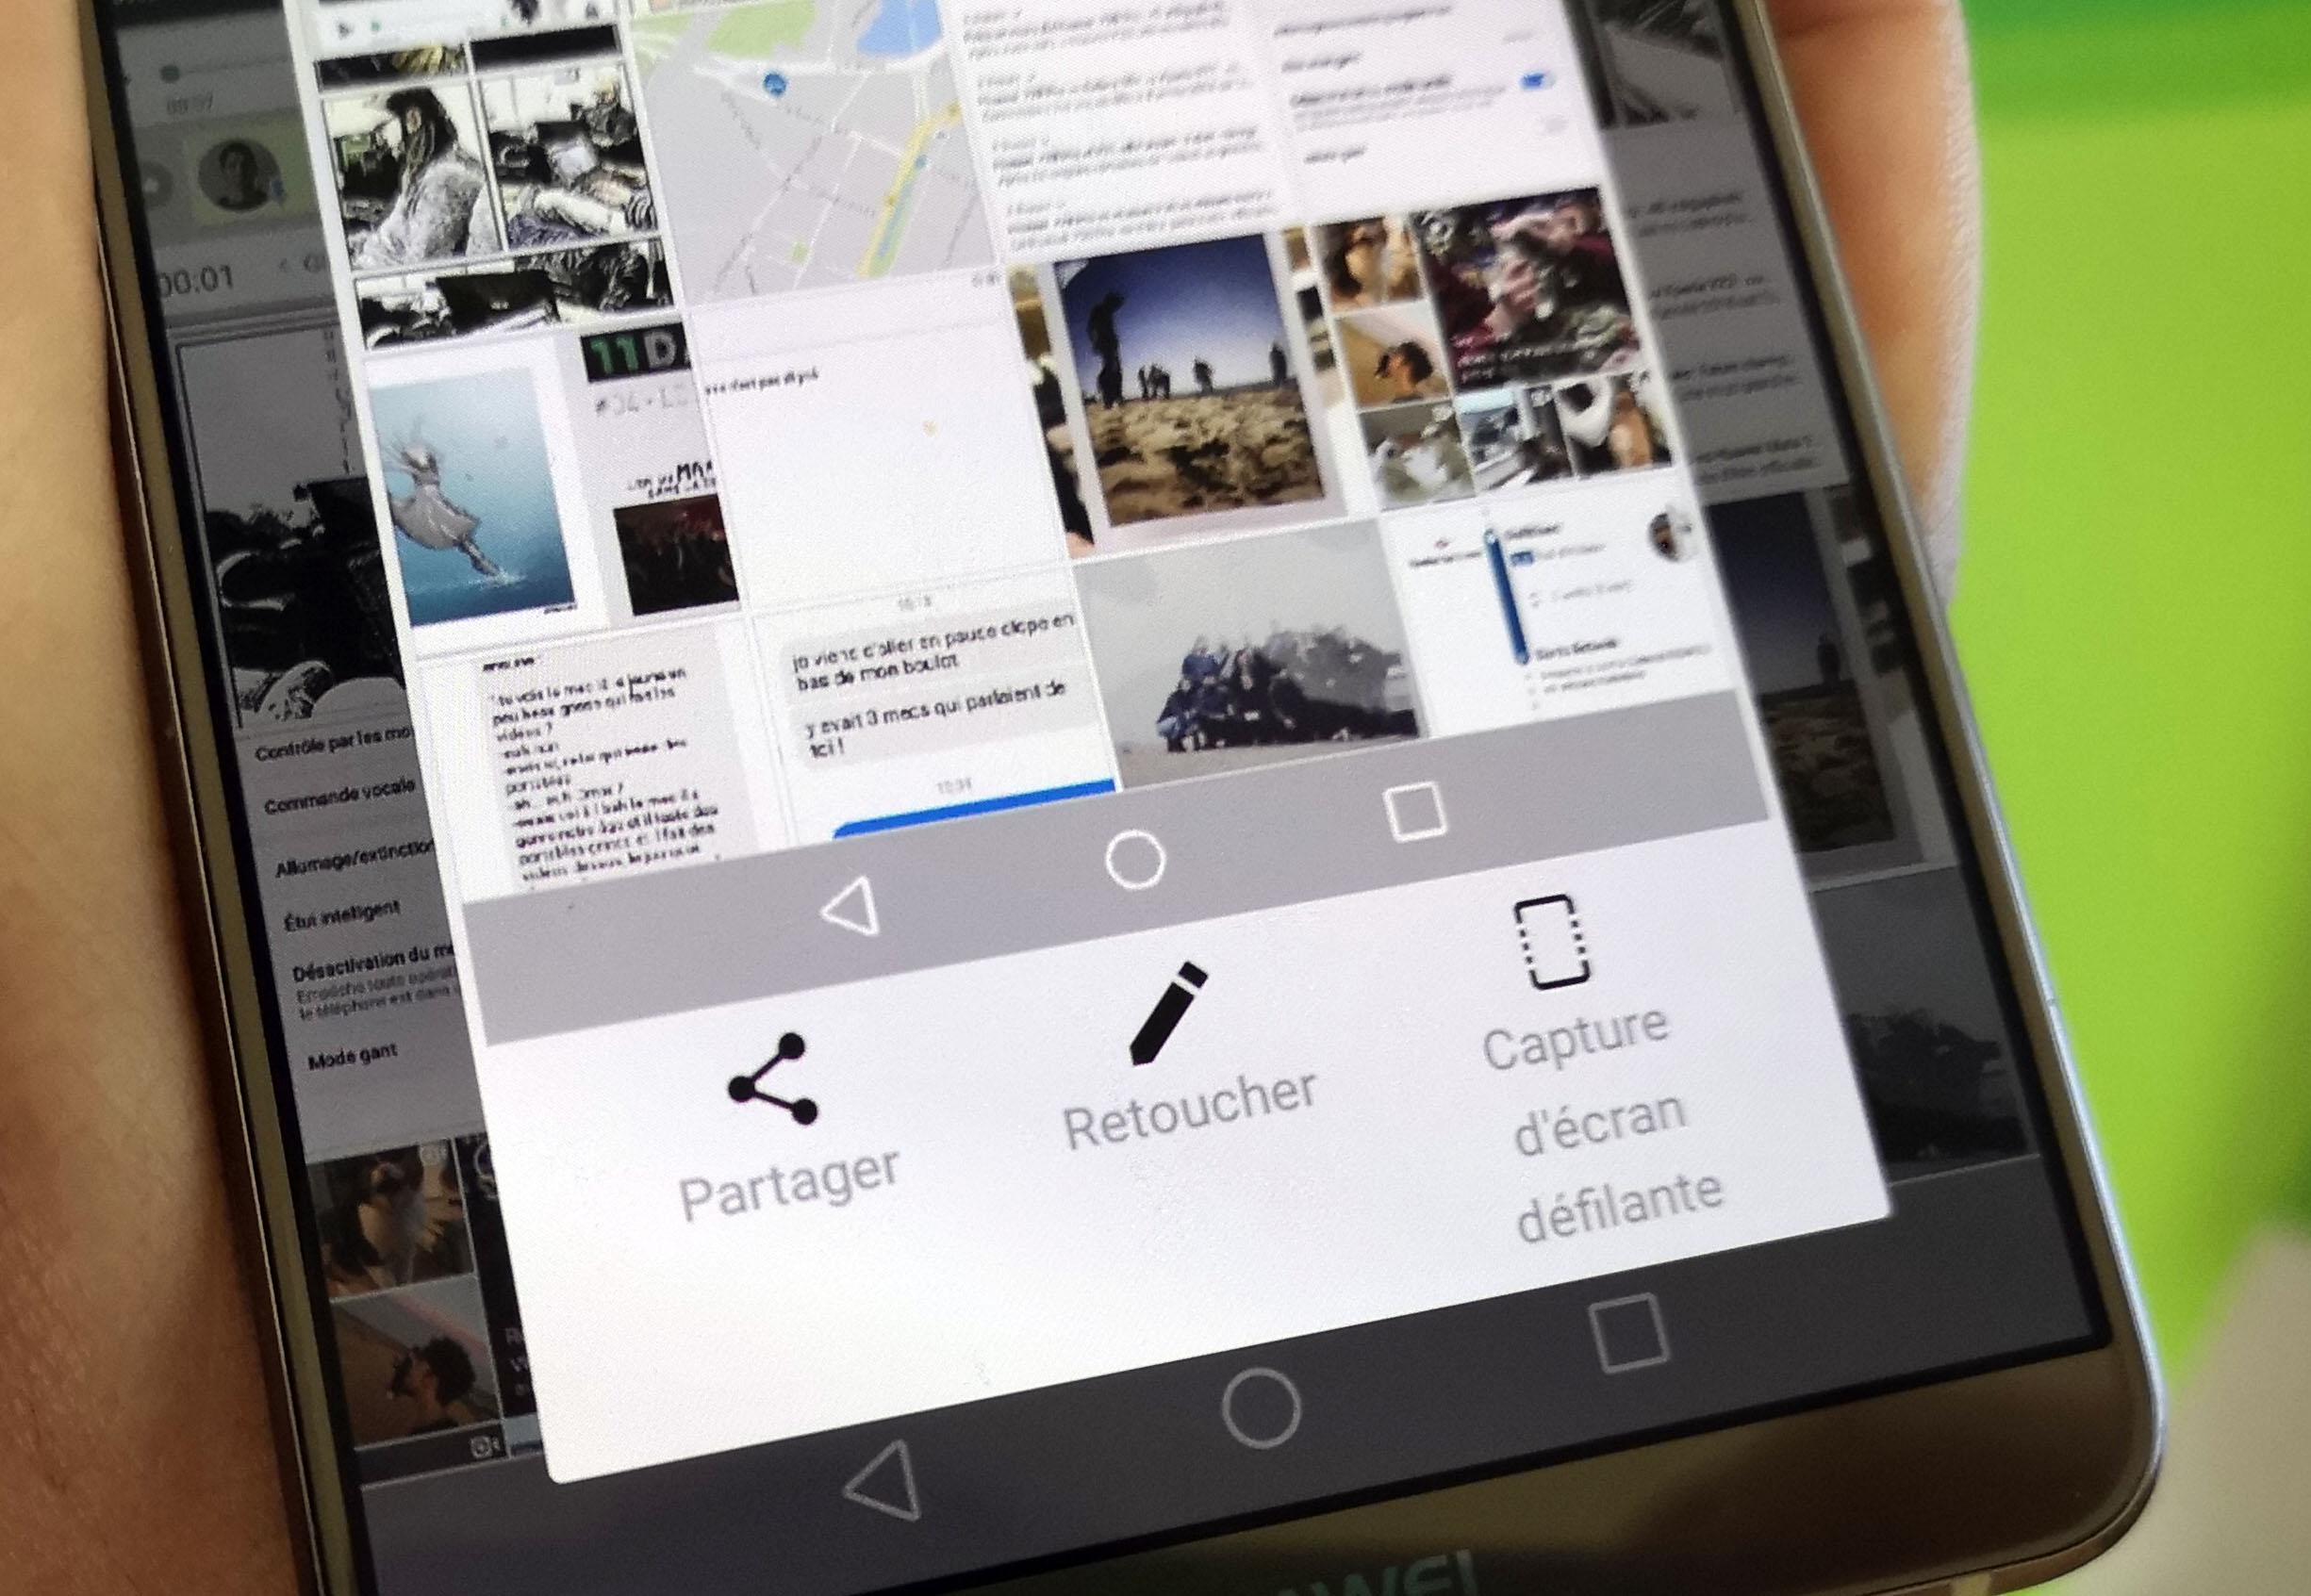 comment faire une capture d cran sur android tutoriel. Black Bedroom Furniture Sets. Home Design Ideas